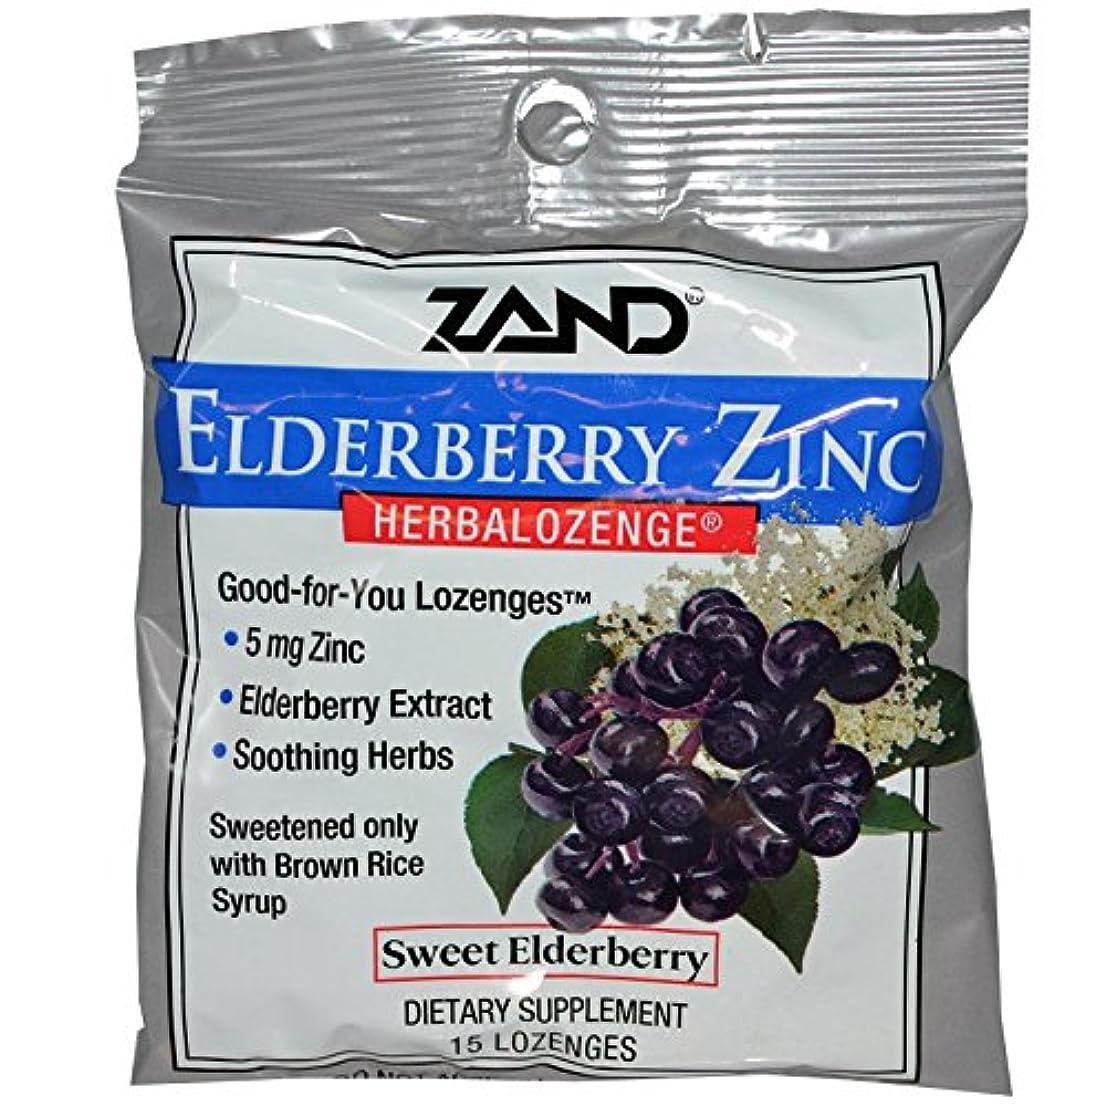 犯罪お願いしますブランドZand, Elderberry Zinc、Herbalozenge、エルダーベリー、キャンディートローチ【2個組】 [並行輸入品]